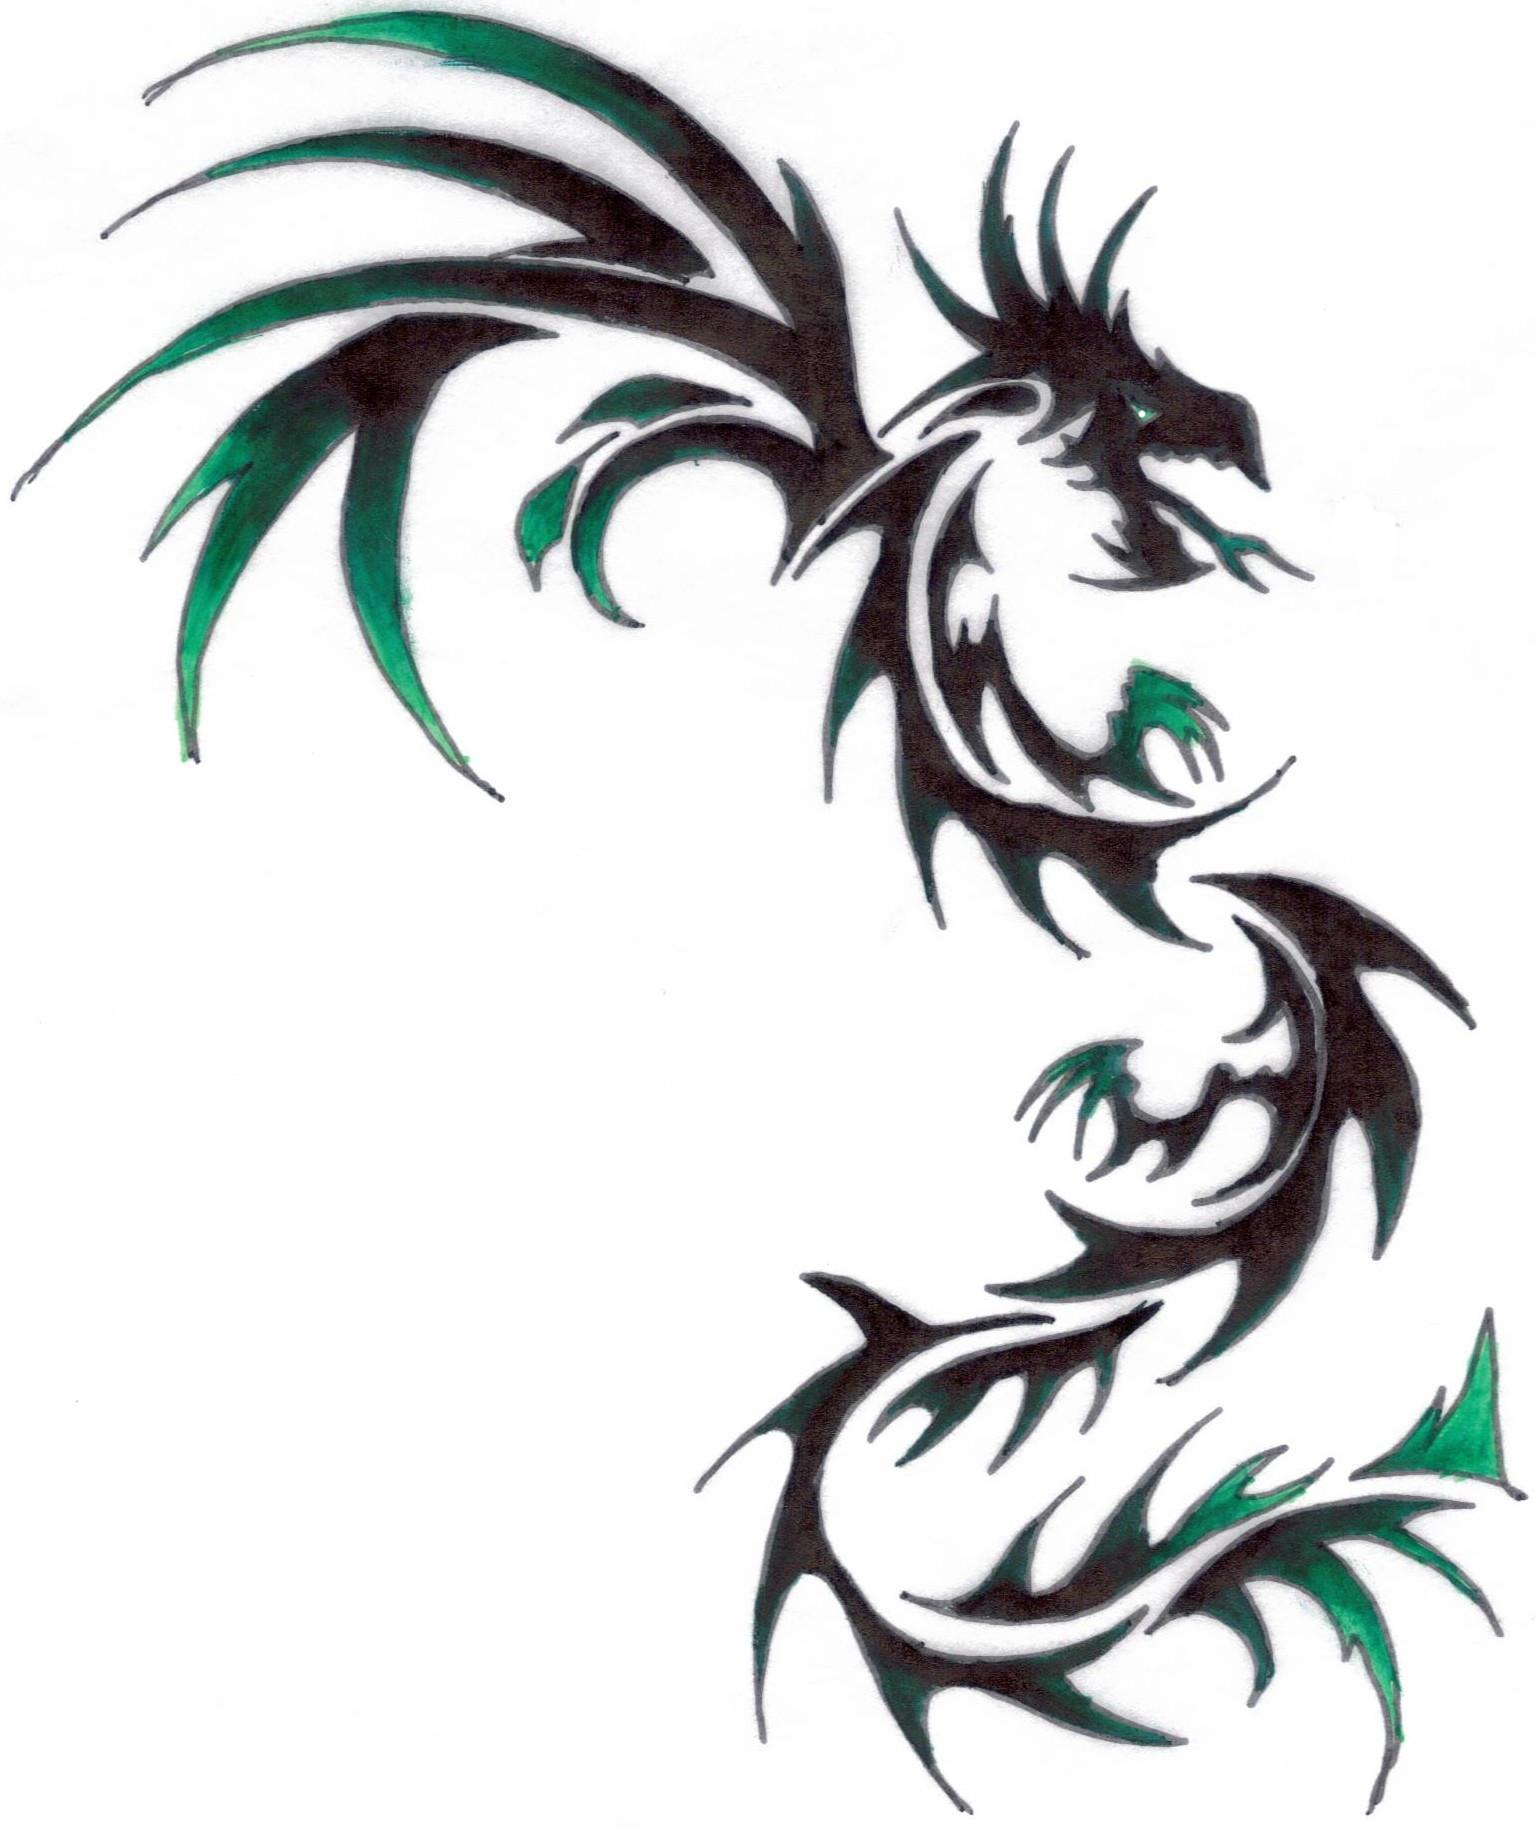 green dragon by kitsune lunar rose on deviantart. Black Bedroom Furniture Sets. Home Design Ideas